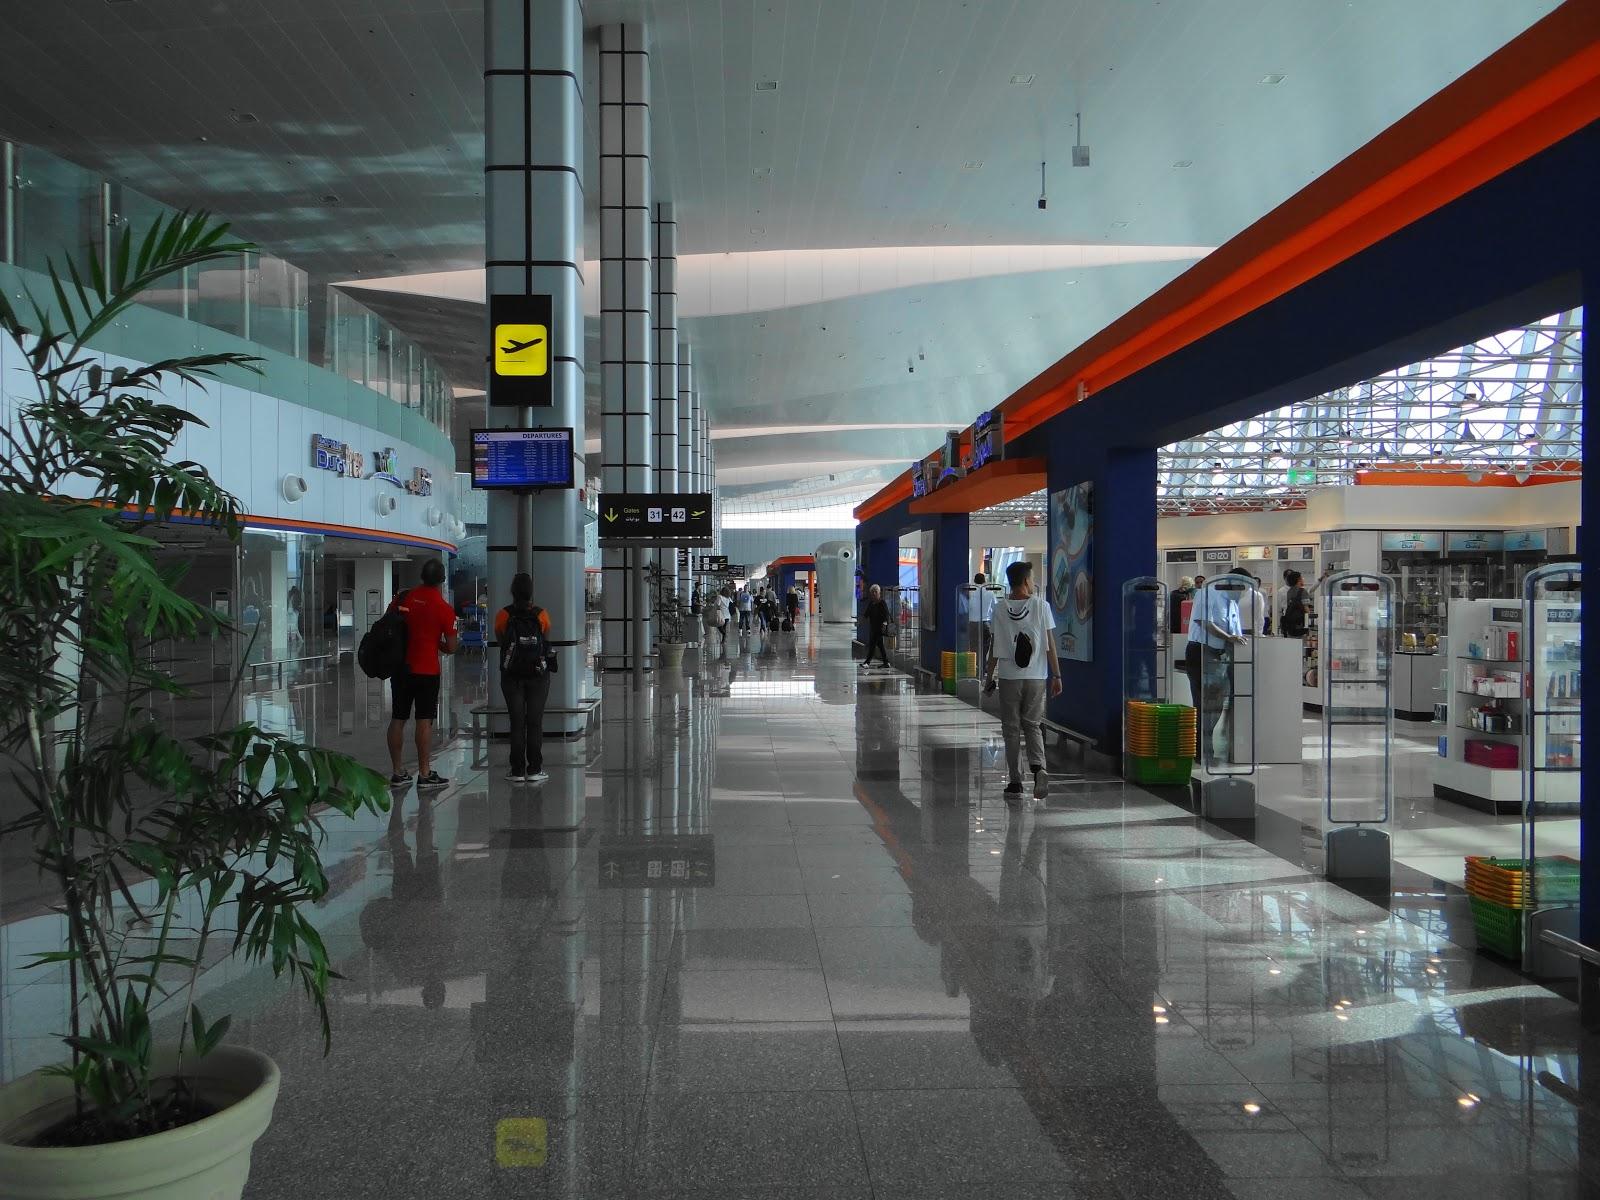 Аэропорт Хургады (HRG): новый терминал